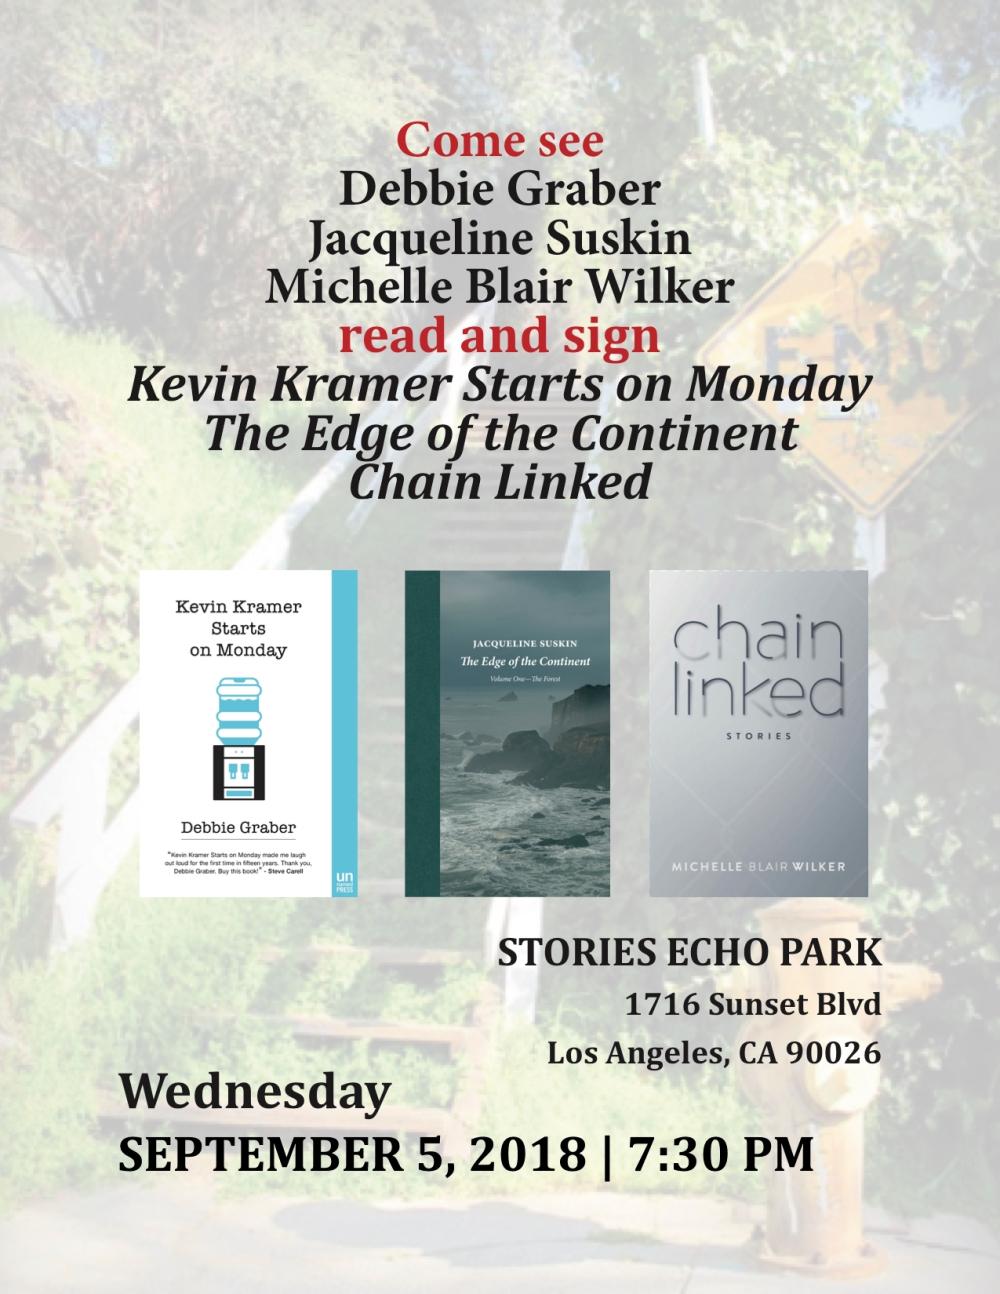 Stories Echo Park